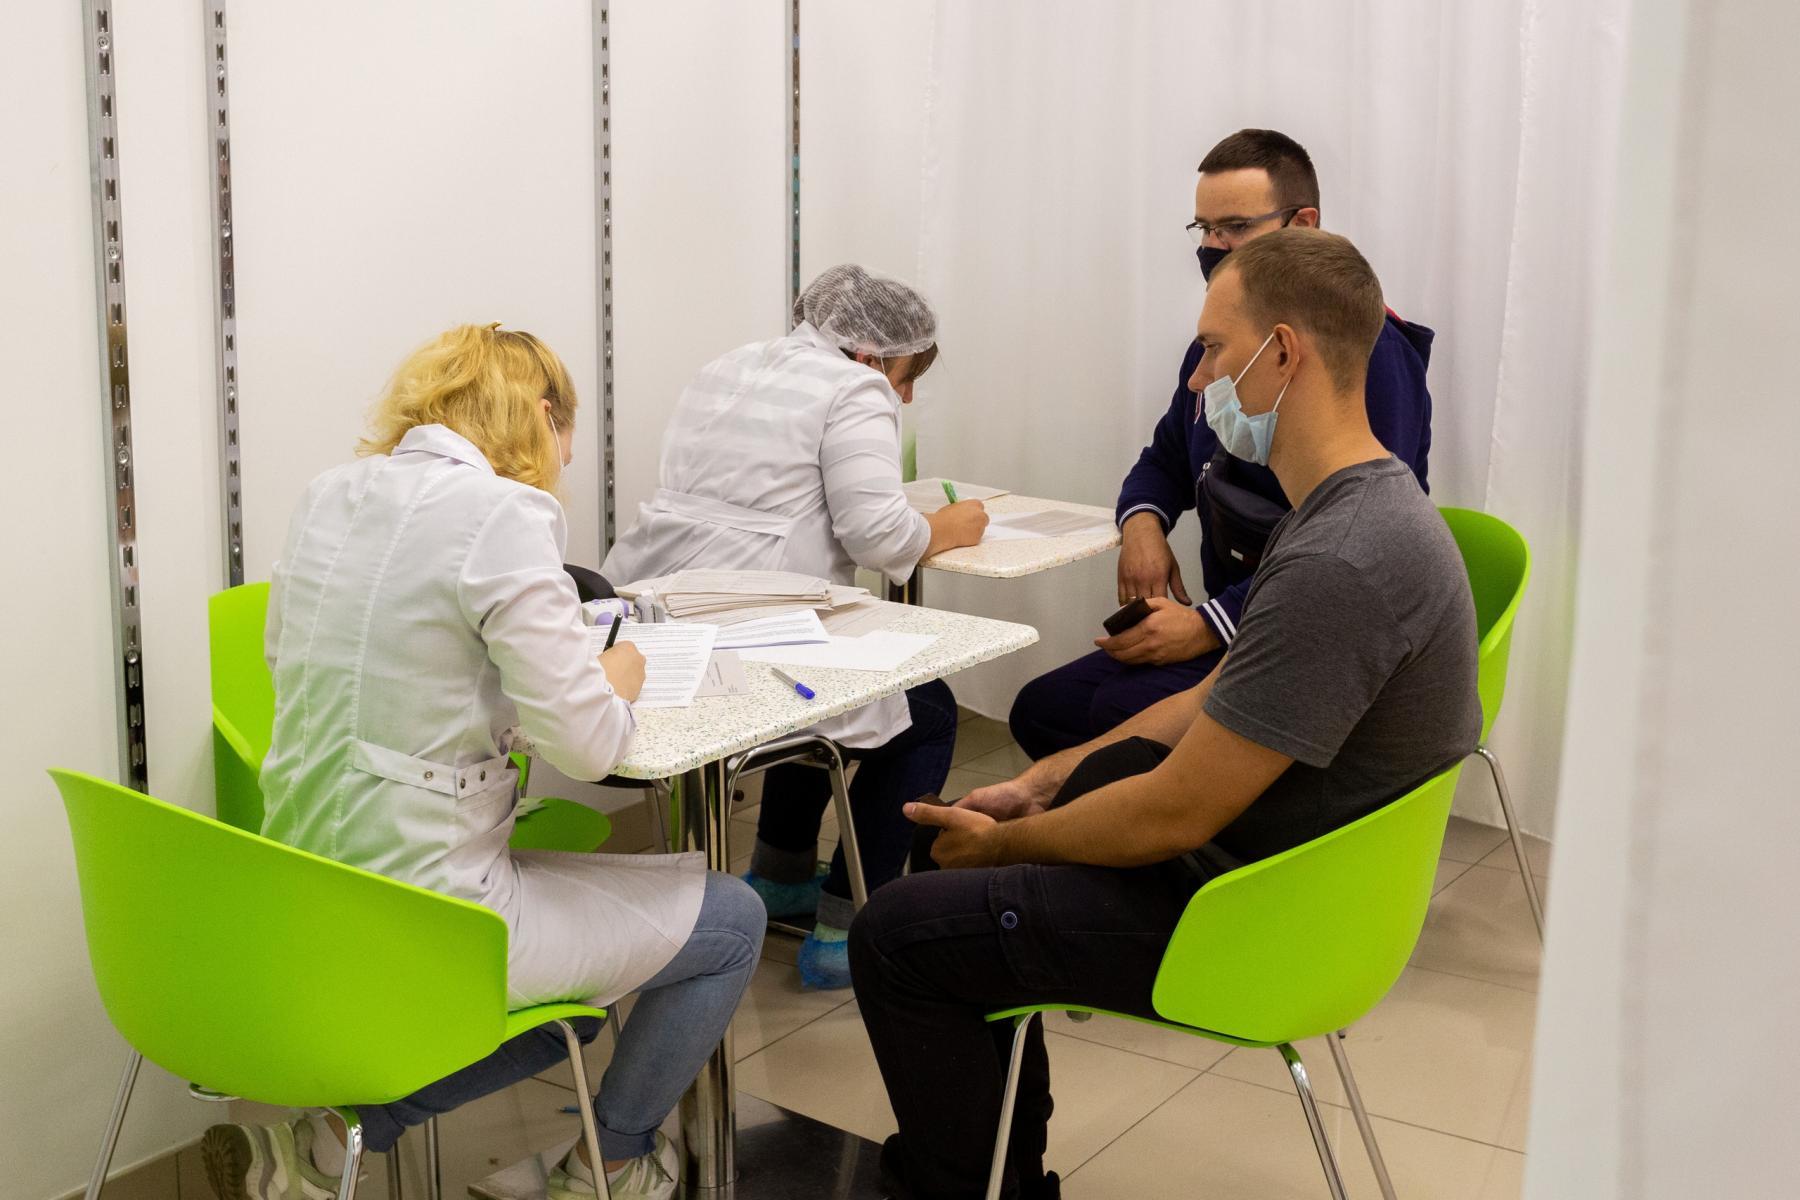 Фото В Новосибирске мобильные пункты вакцинации заполнили десятки людей: 5 мнений из очереди о том, почему нужно прививаться 5